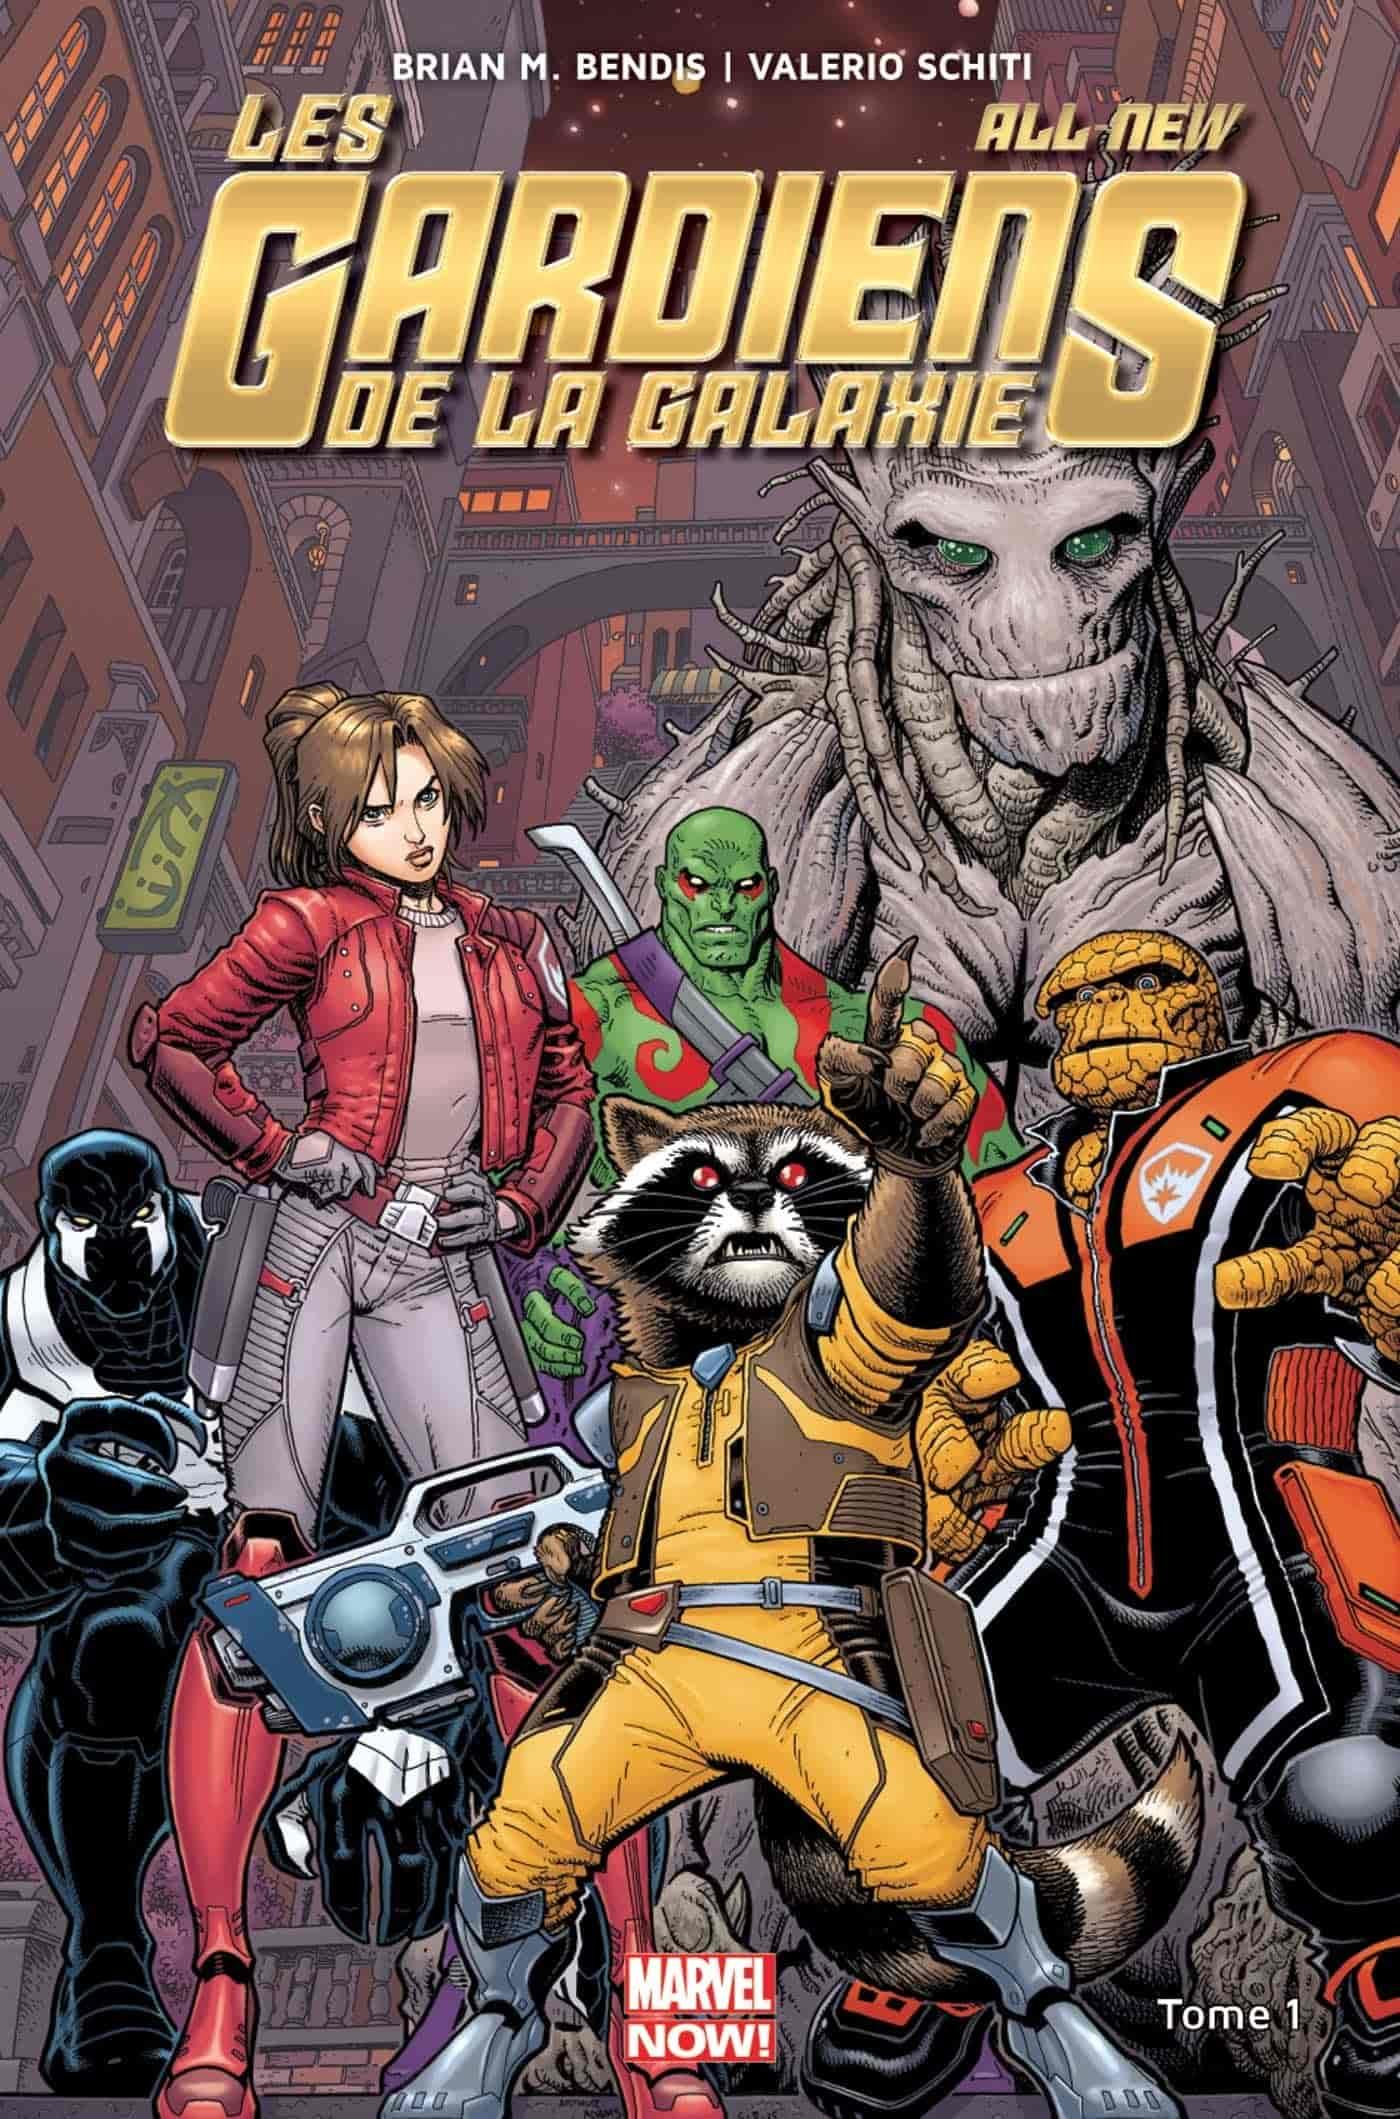 par ou commencer les comics Marvel